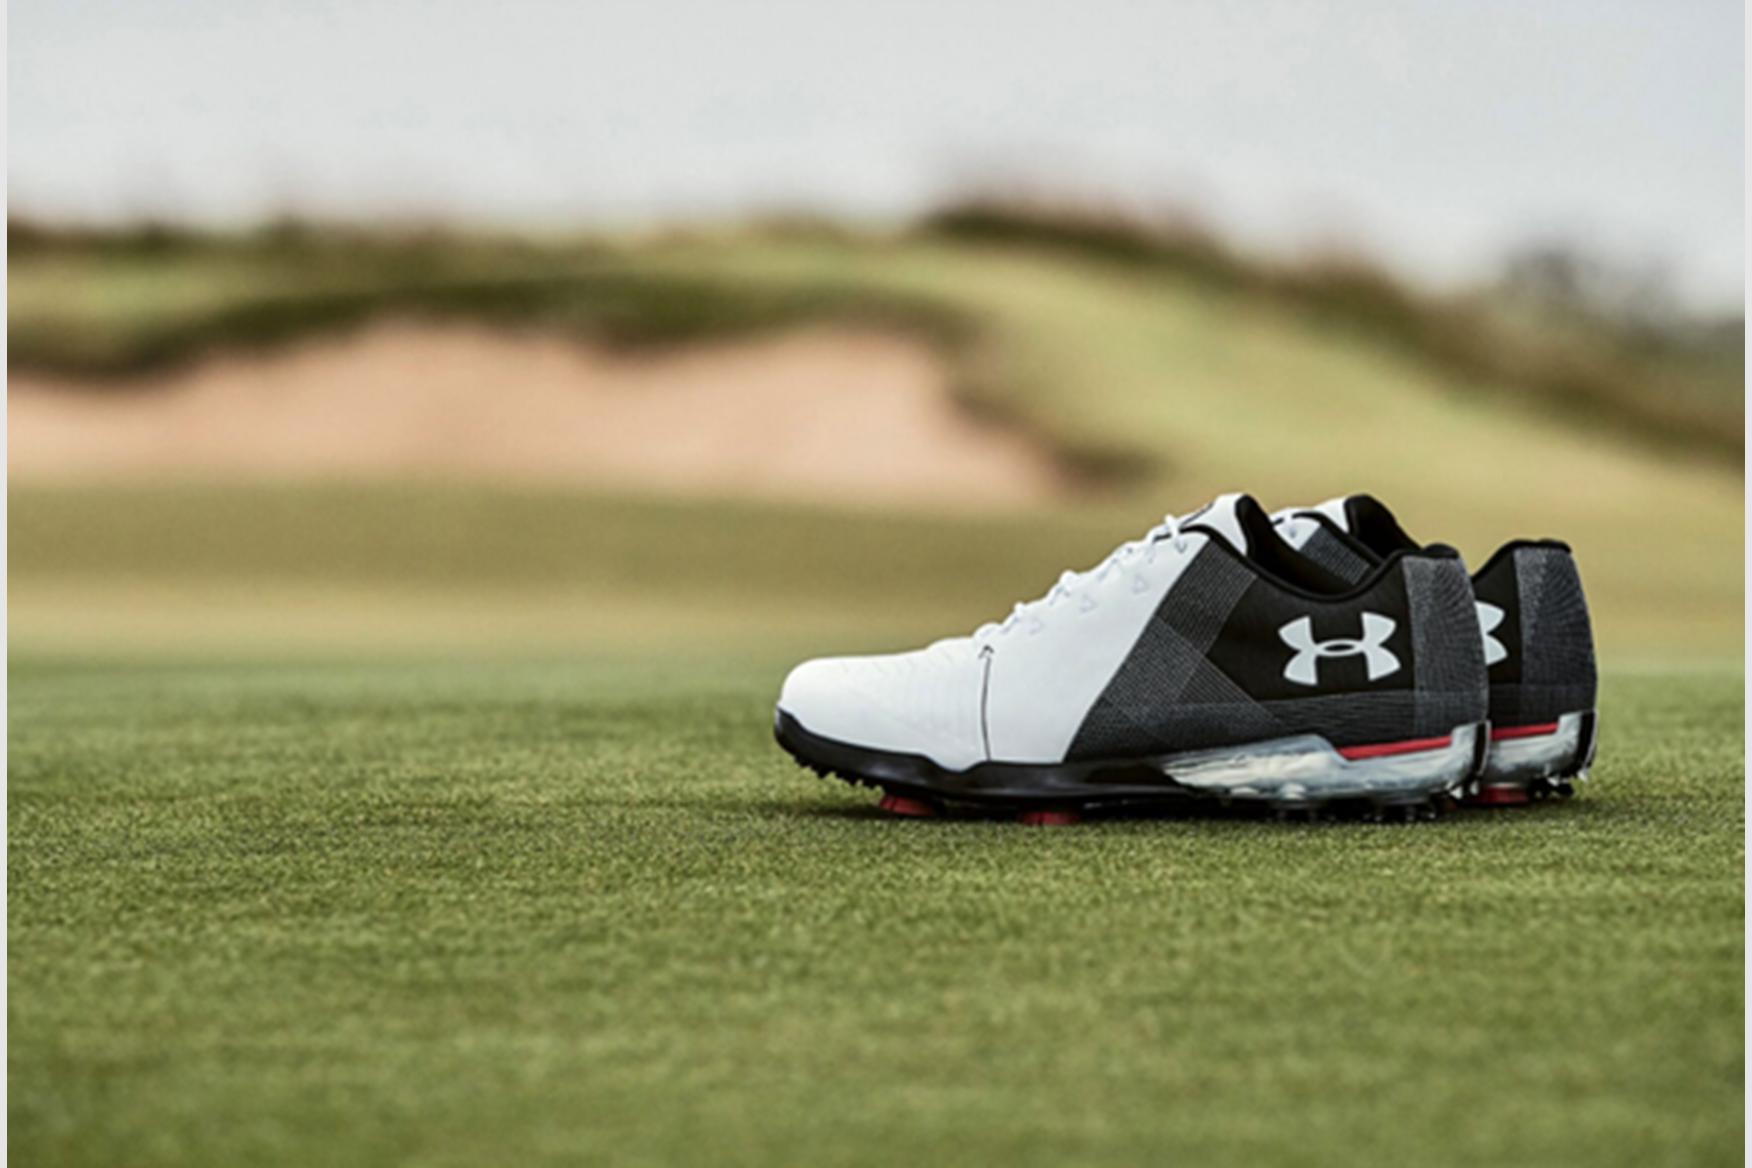 mudo Untado morir  Under Armour Spieth 2 Golf Shoes Review | Equipment Reviews | Today's Golfer